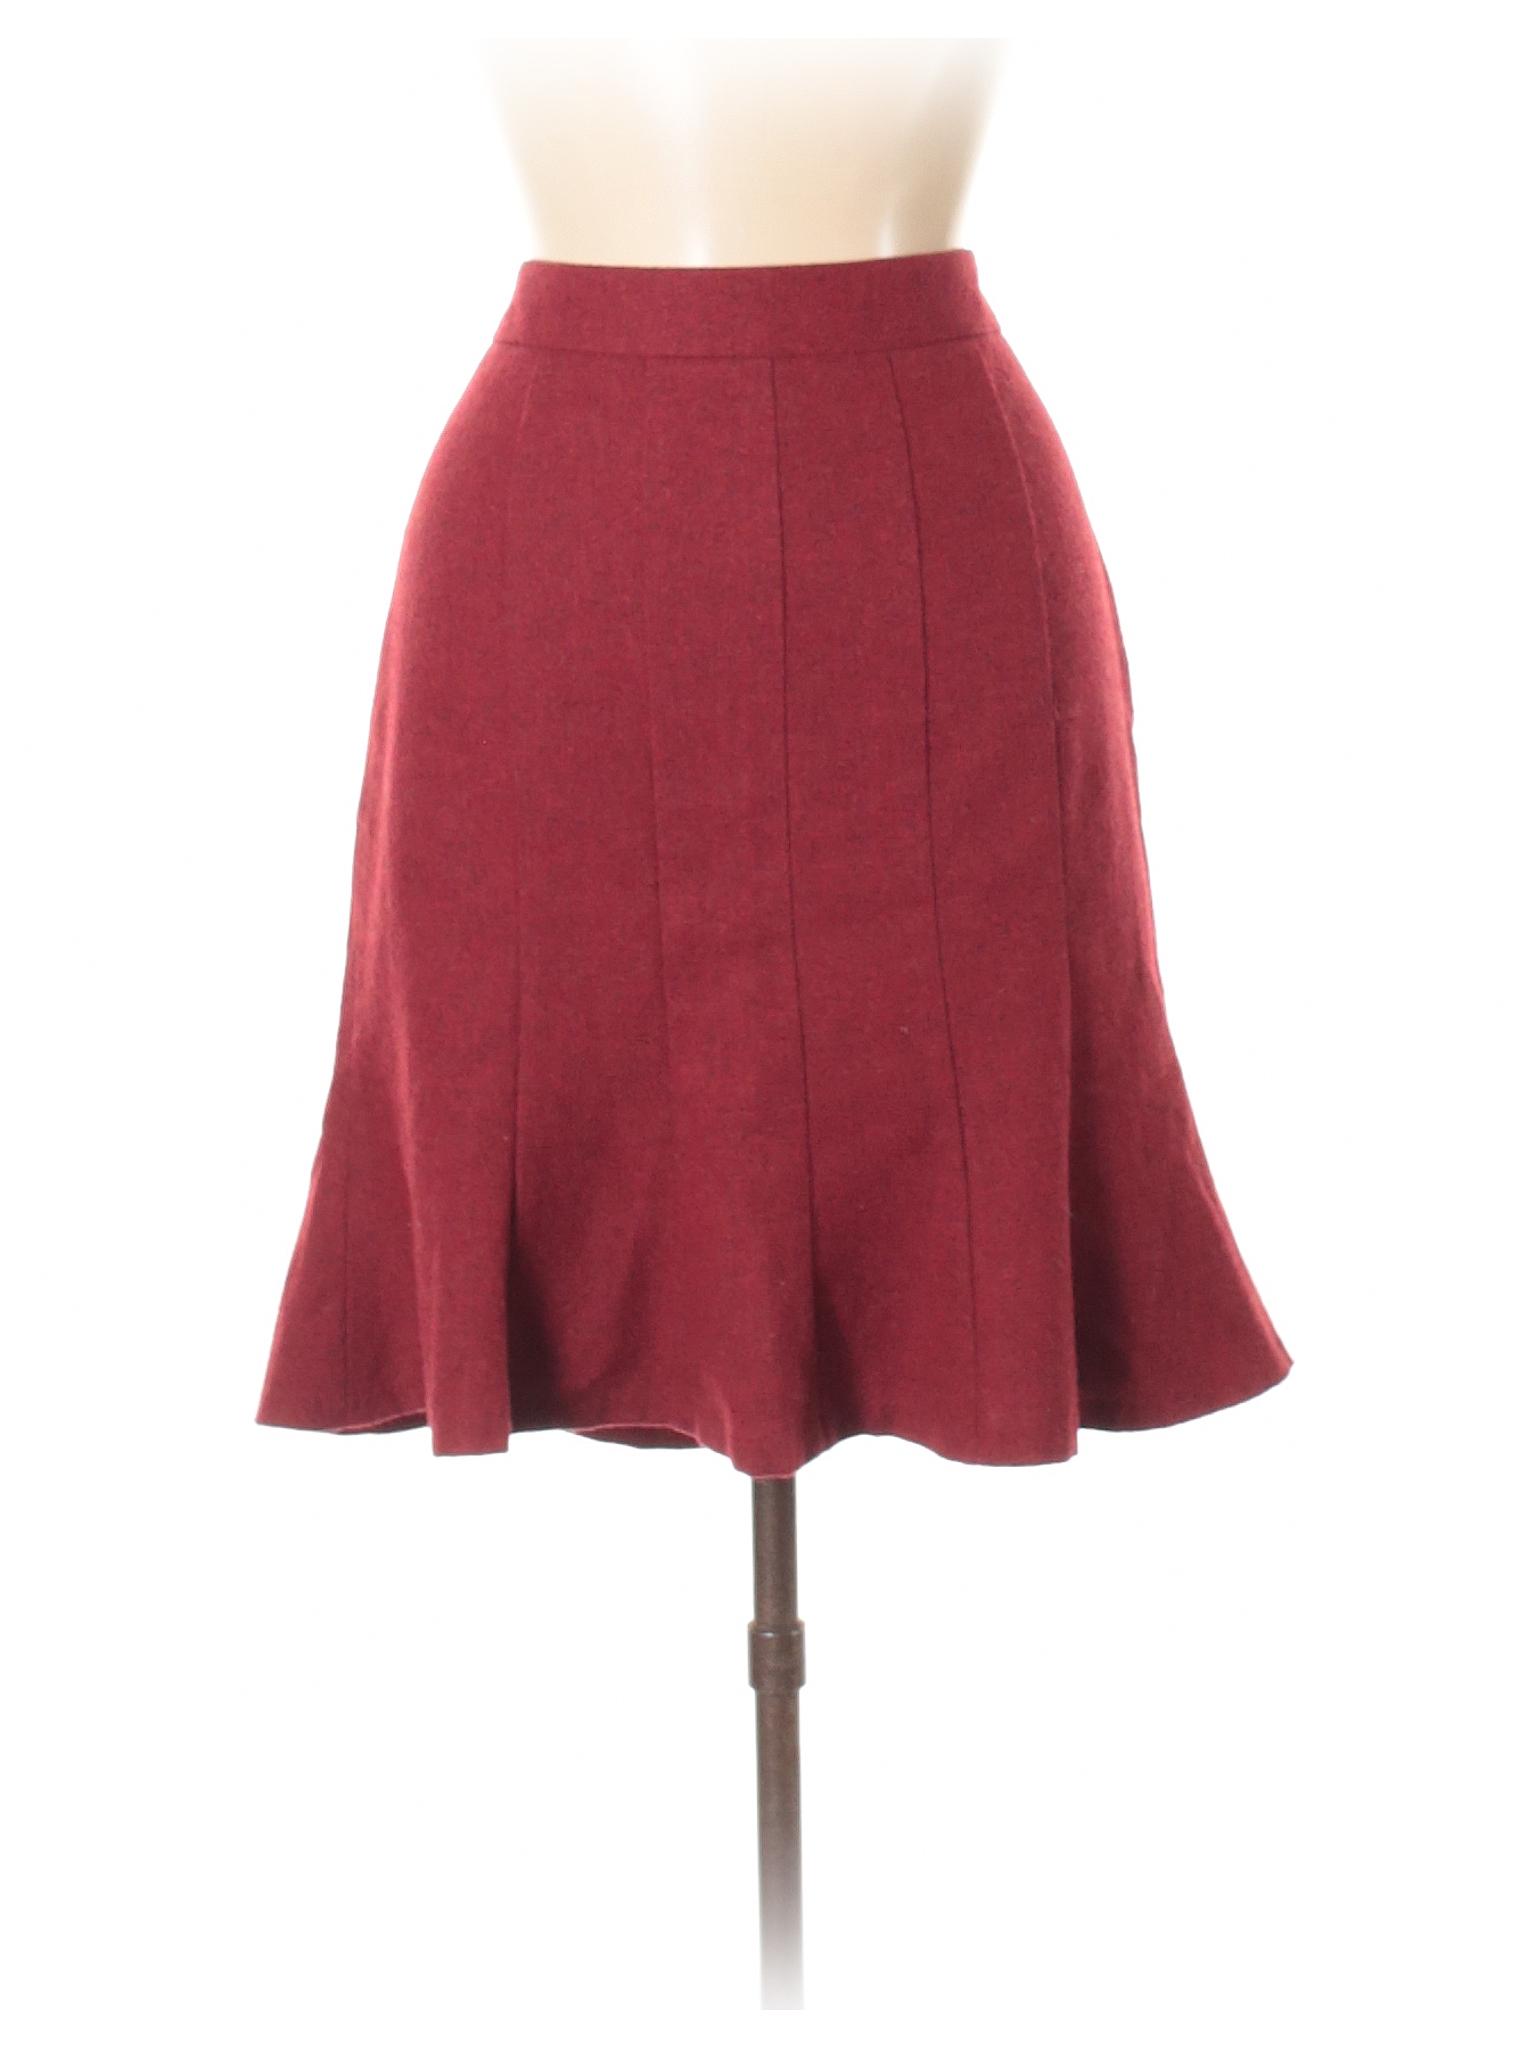 Casual Skirt Casual Boutique Casual Boutique Boutique Boutique Casual Casual Skirt Skirt Skirt Boutique Skirt pXqZqwR